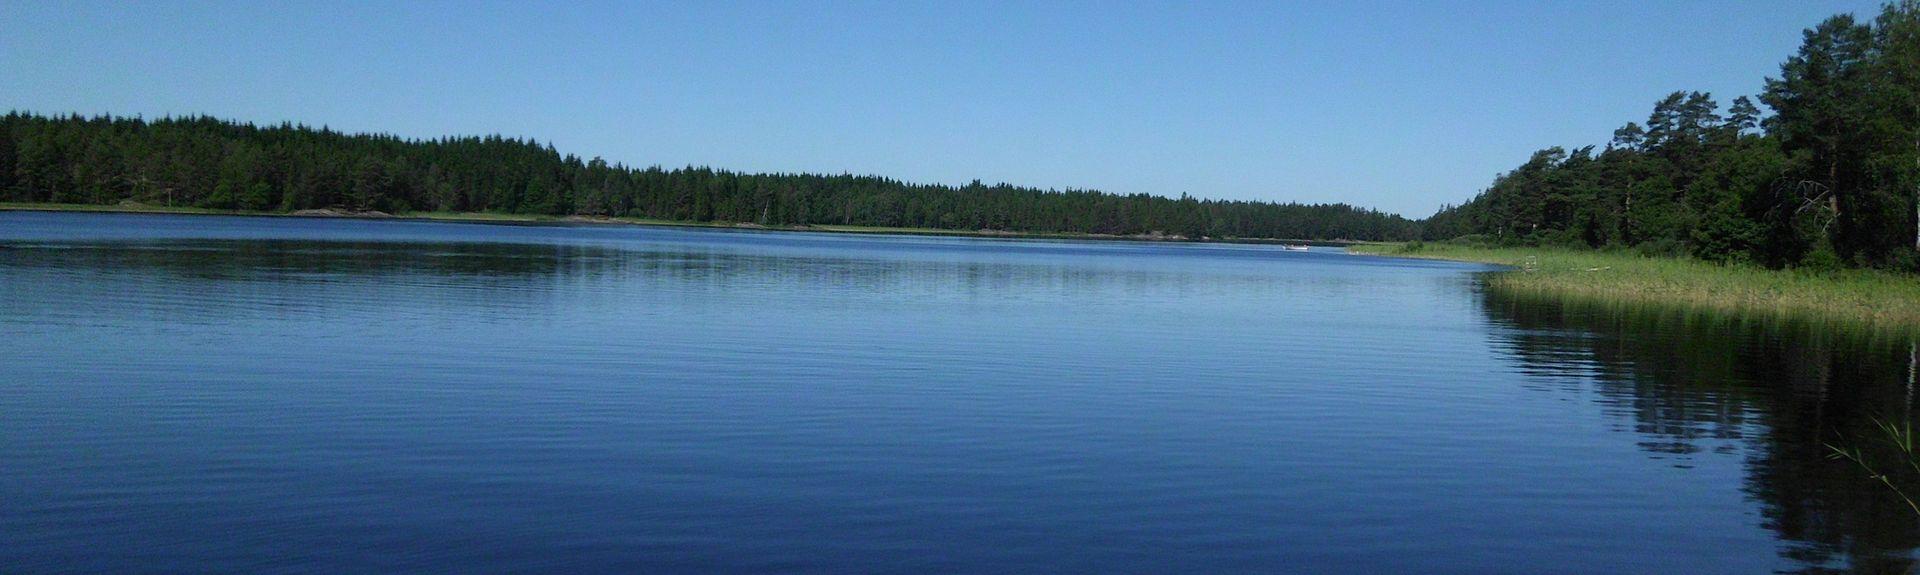 Bullaren, Västra Götalands län, Sverige